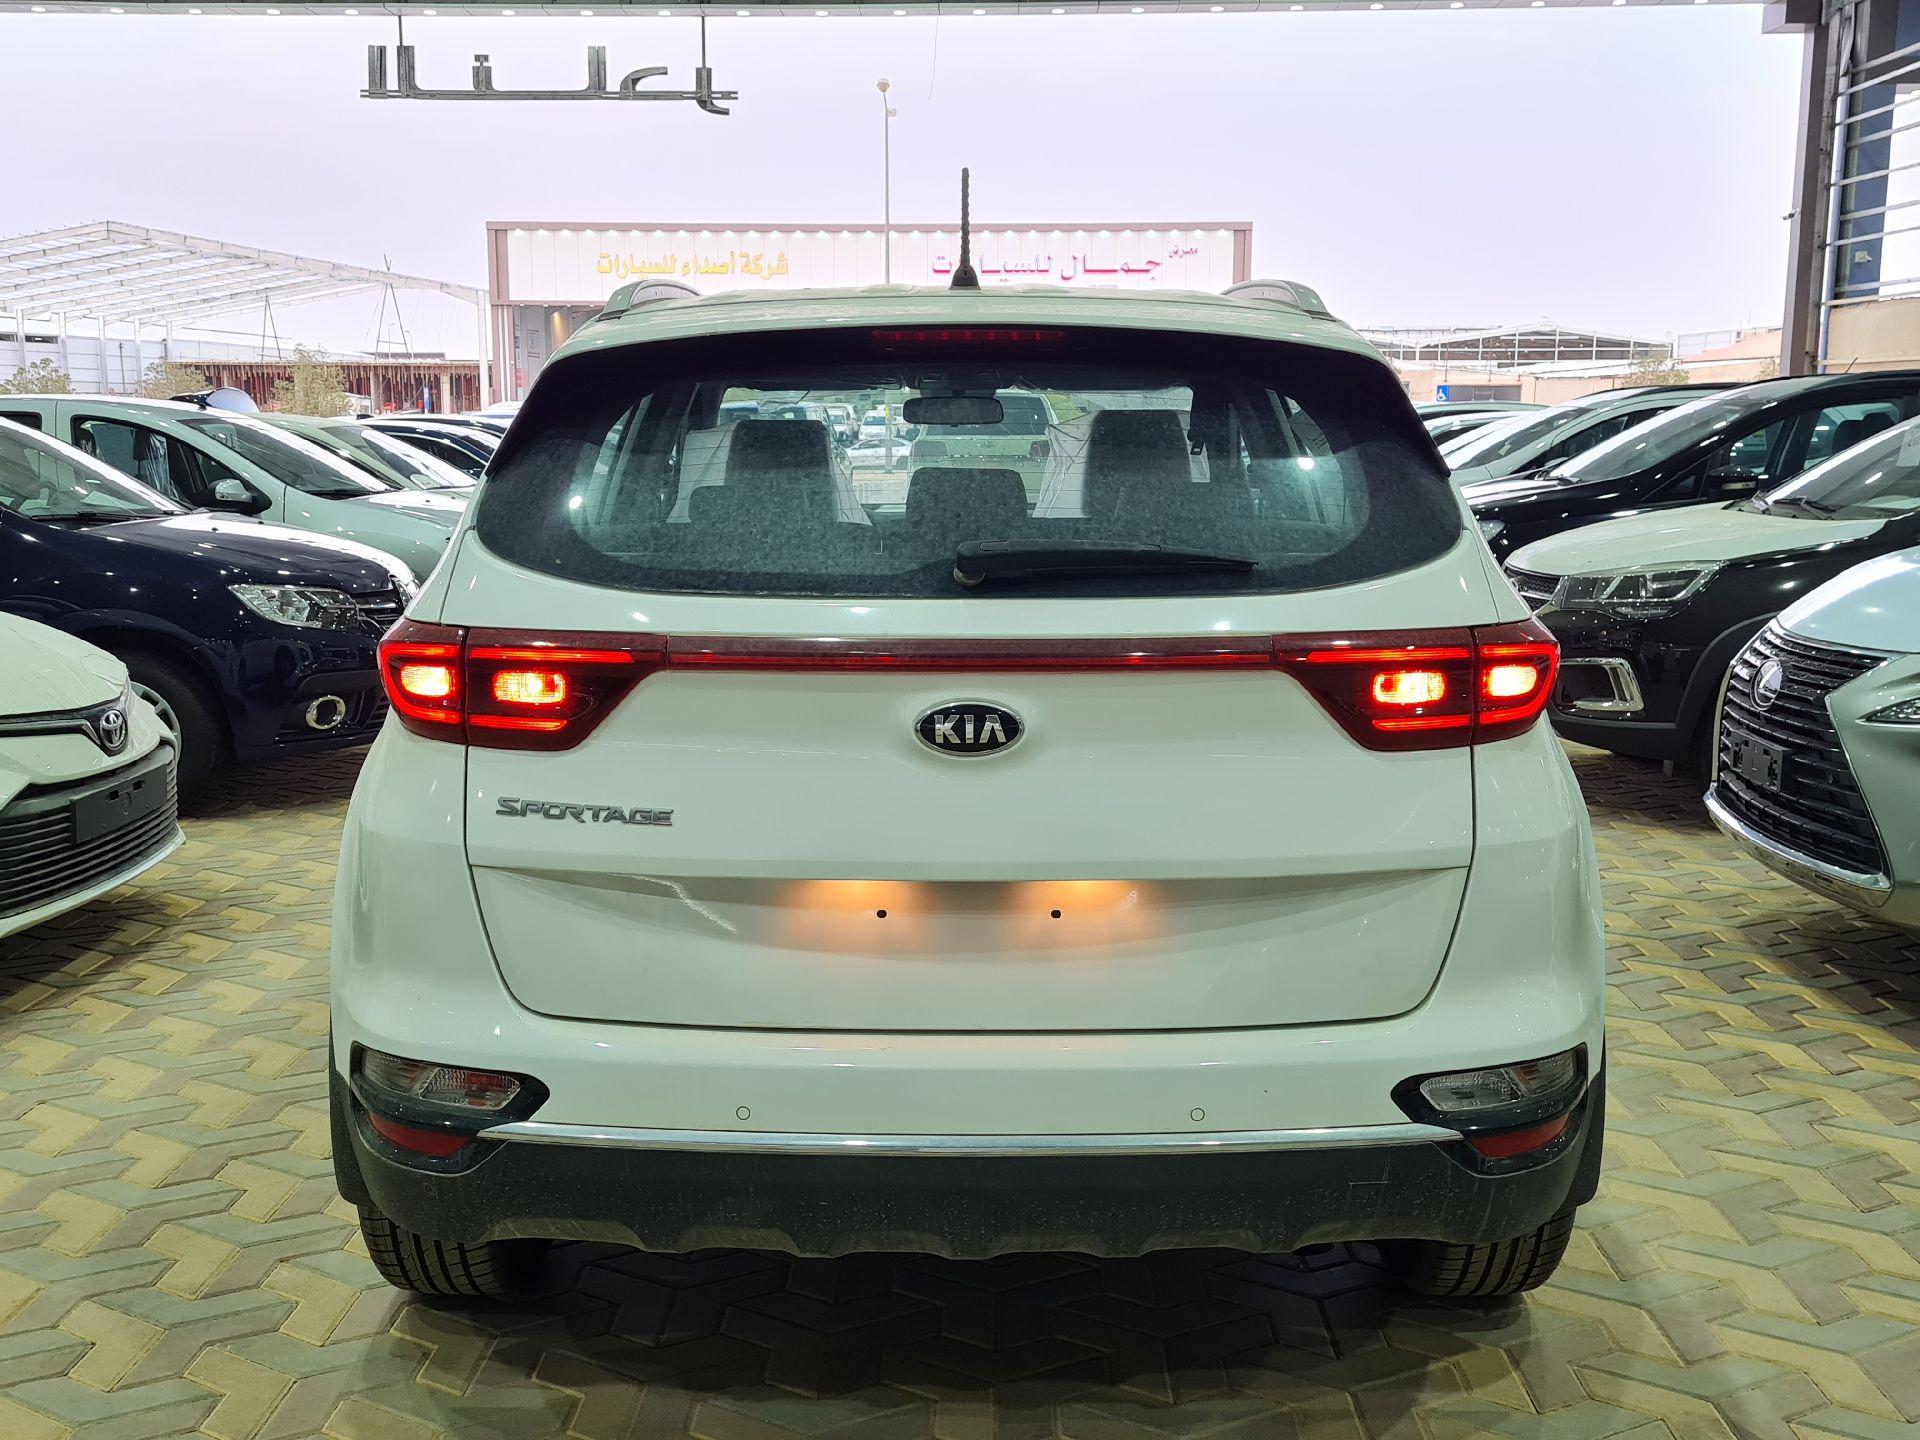 كيا سبورتاج 2020 ستاندر سعودي جديد للبيع في الرياض - السعودية - صورة كبيرة - 5